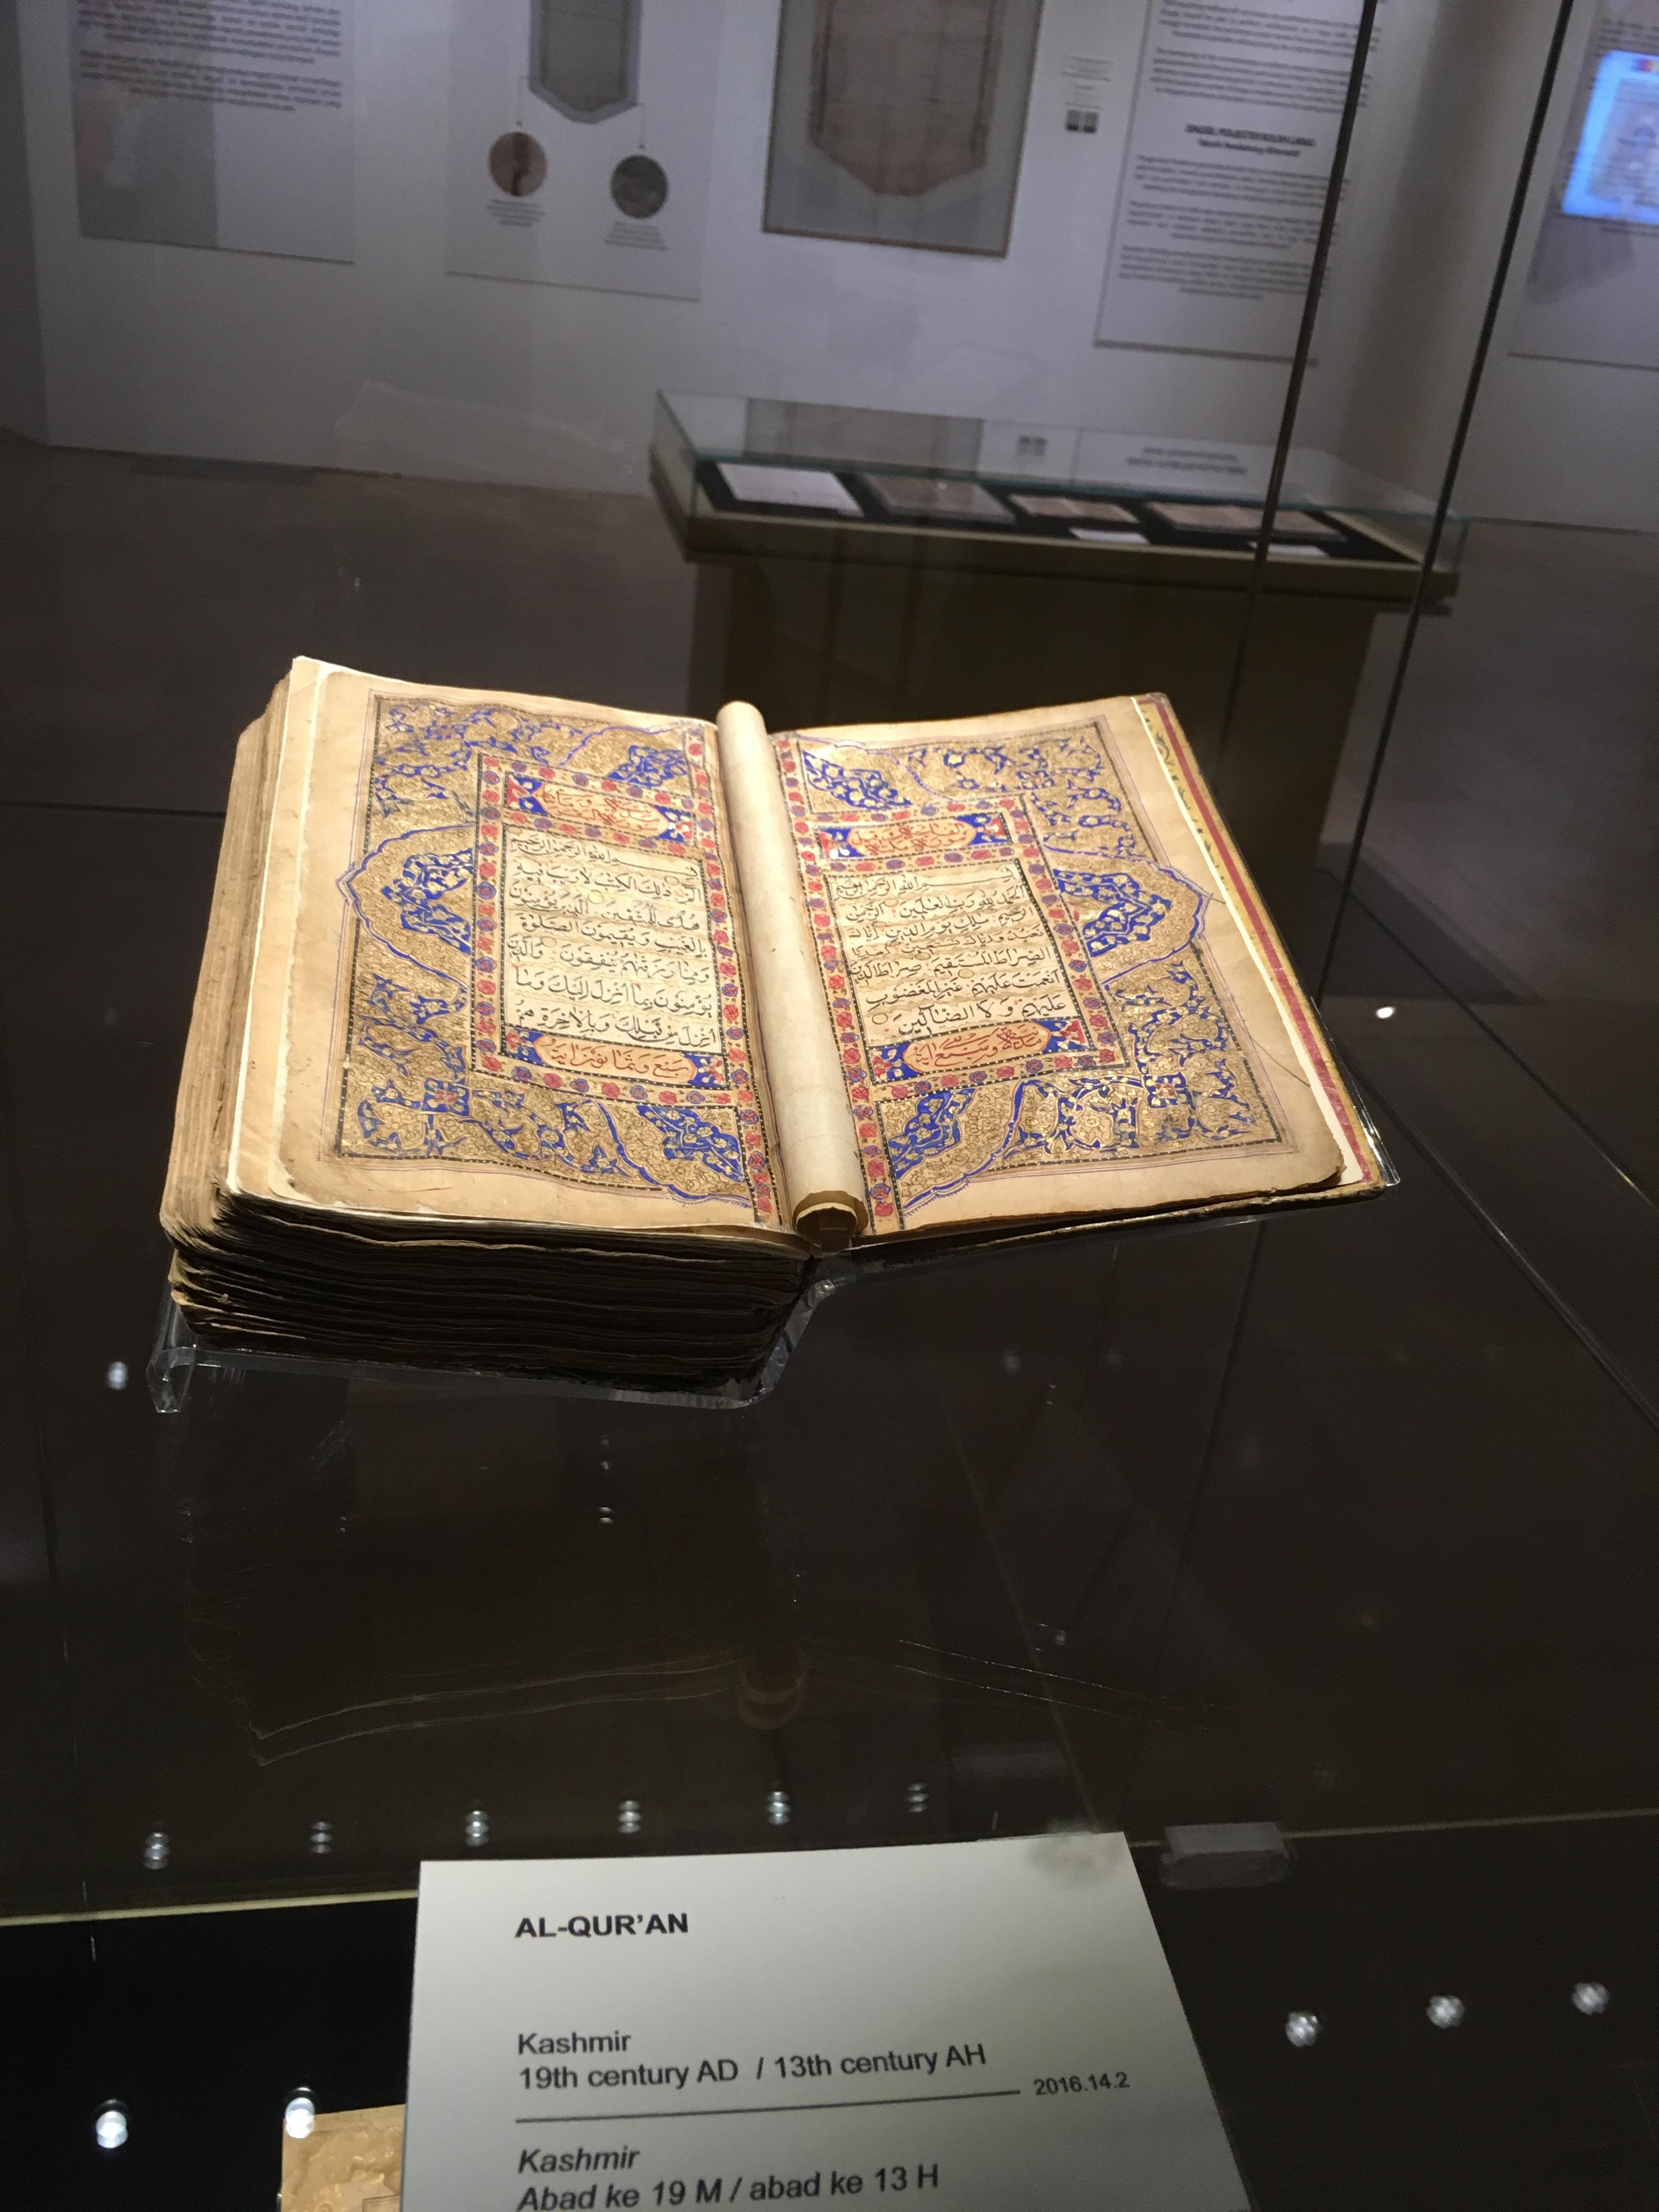 corano-museo-arte-islamica